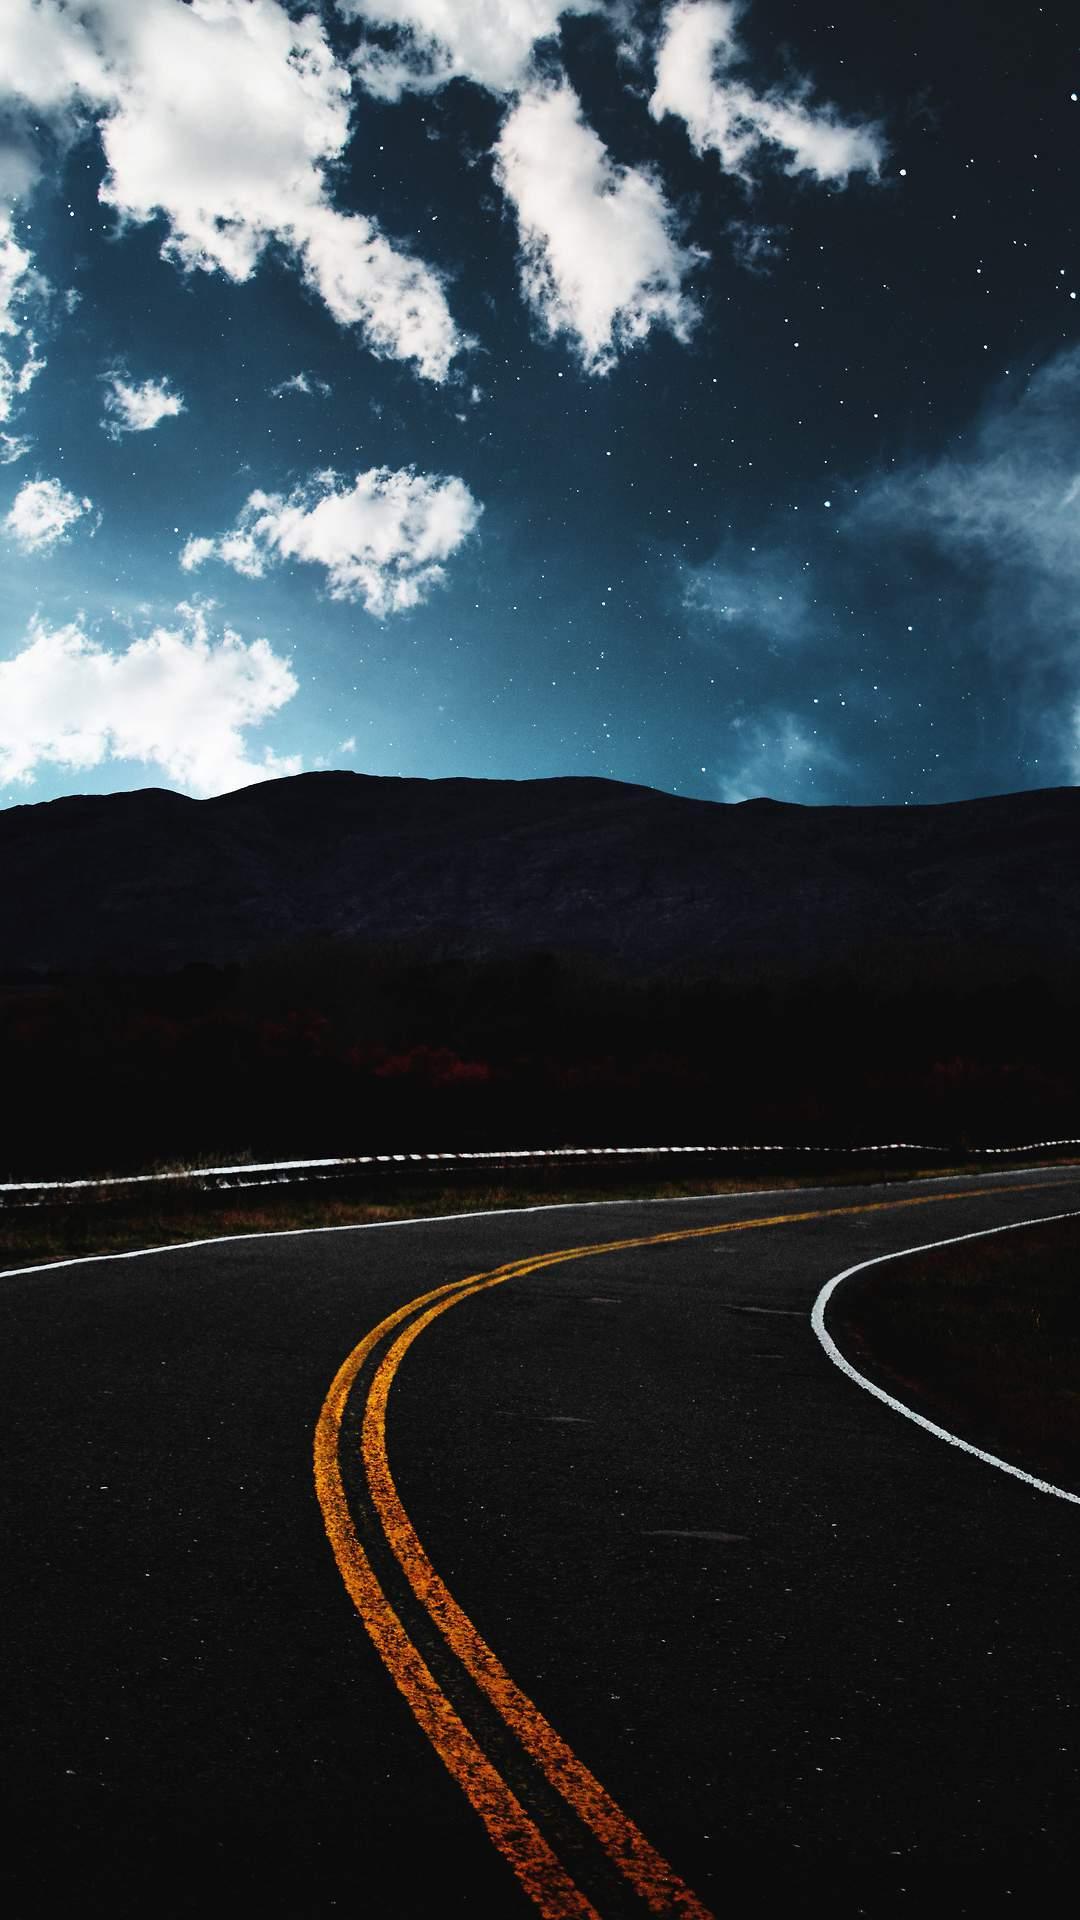 Road Dark Starry Sky iPhone Wallpaper